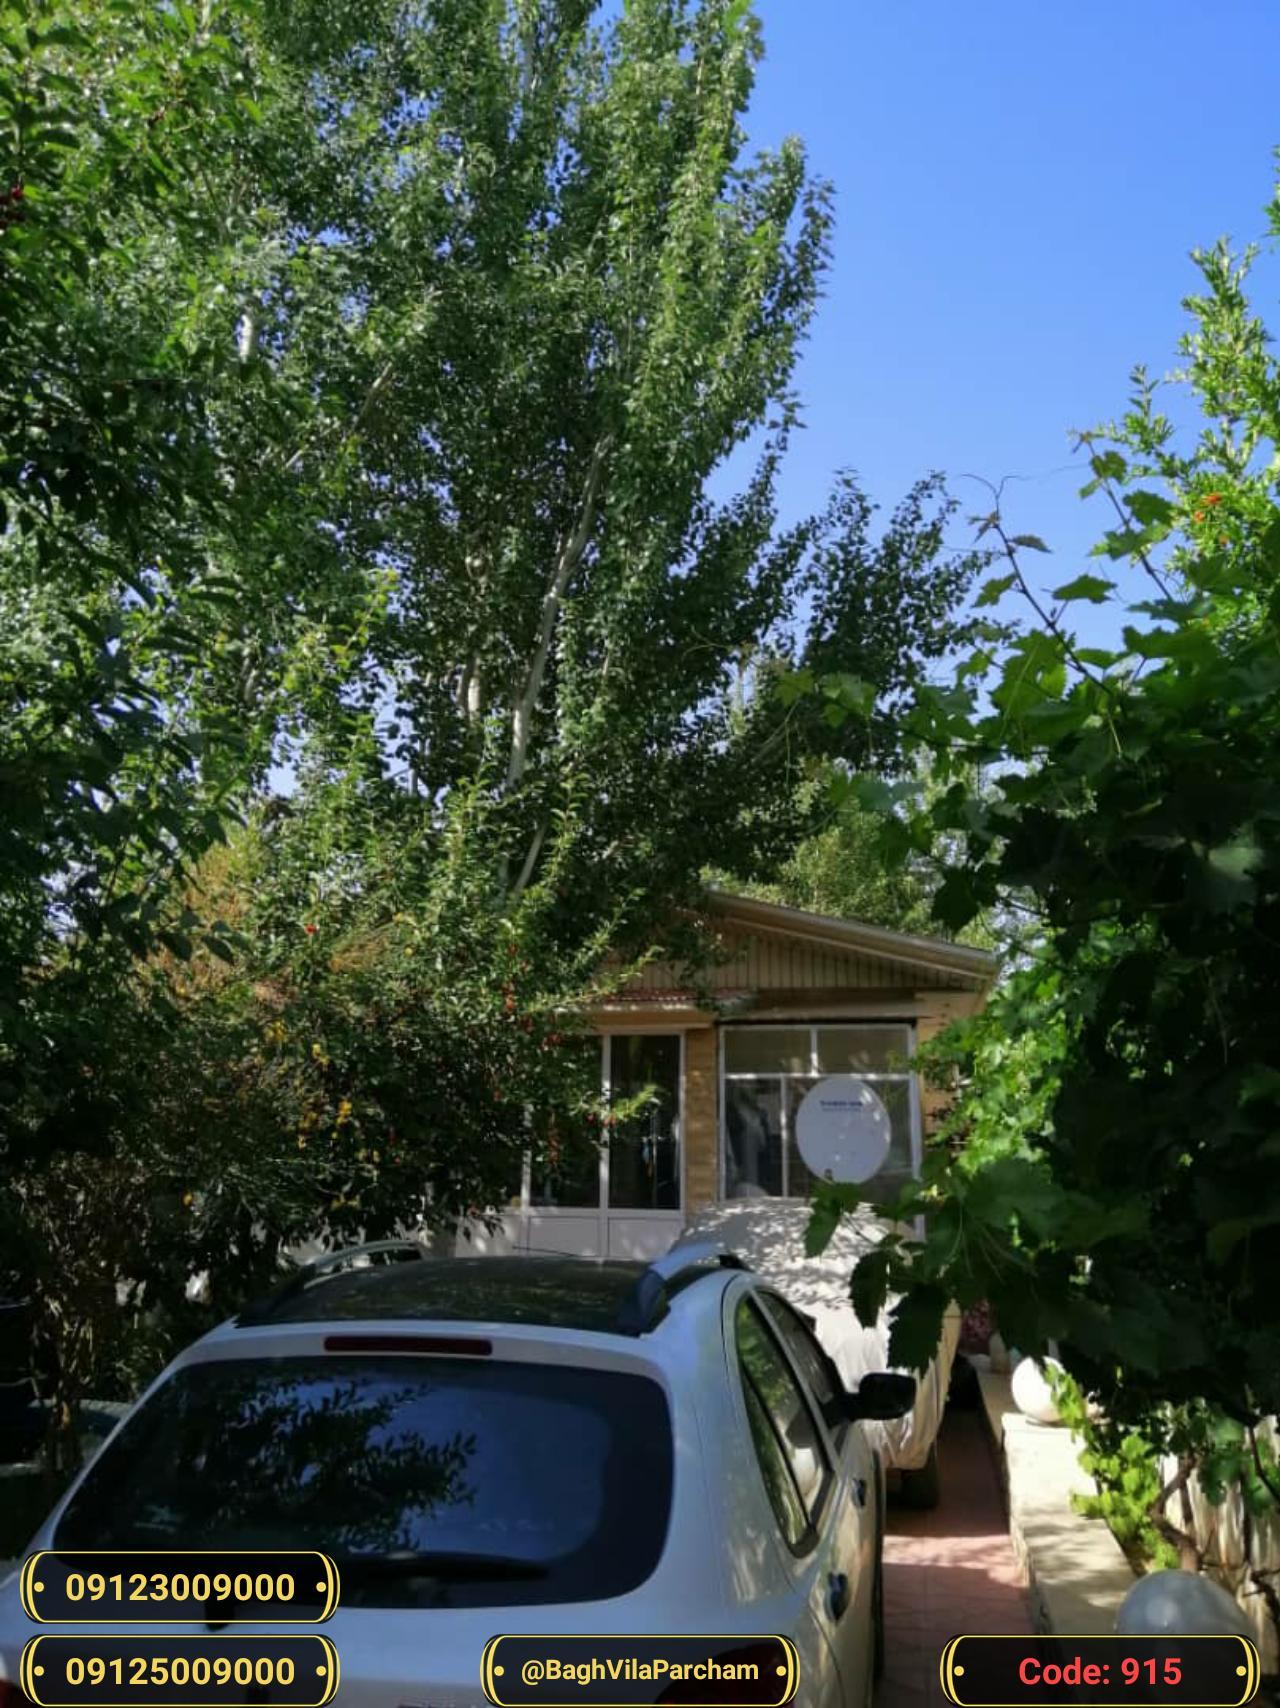 تصویر عکس باغ ویلا شماره 33 از ویلای ۵۶۵۰ متر ویلا کلاسیک تریبلکس Picture photo image 33 of ۵۶۵۰ متر ویلا کلاسیک تریبلکس